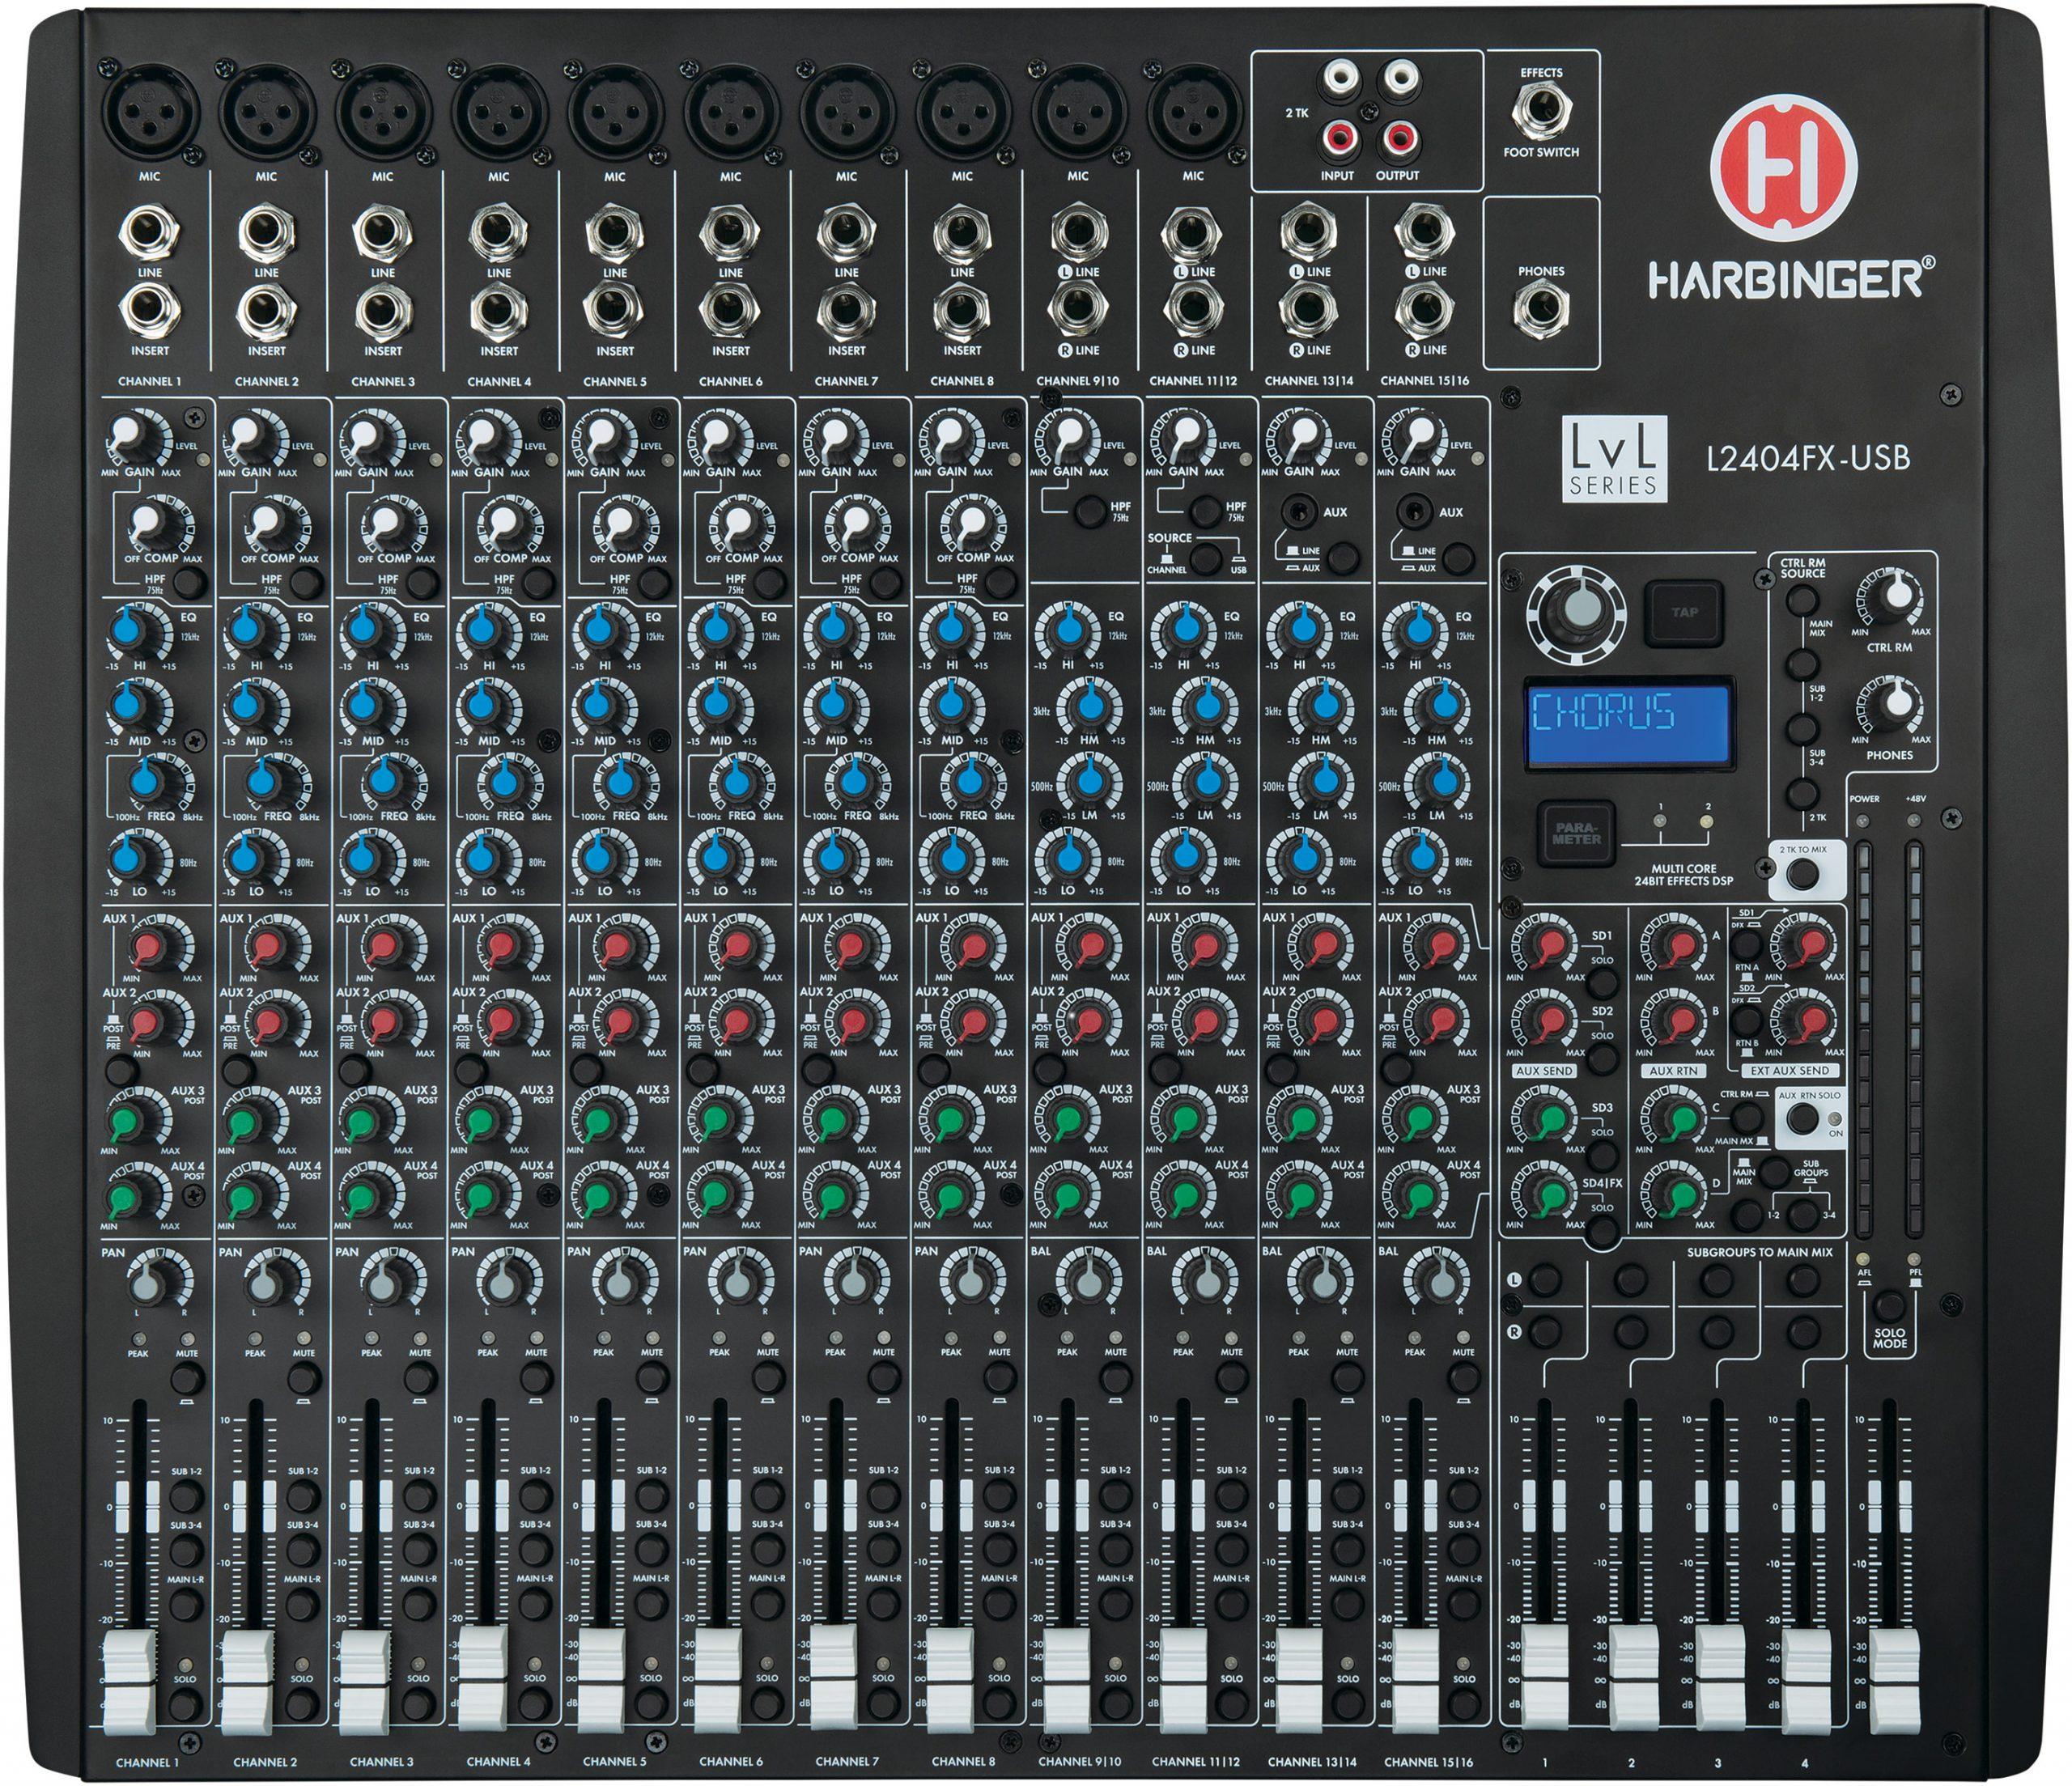 Harbinger L2404FX